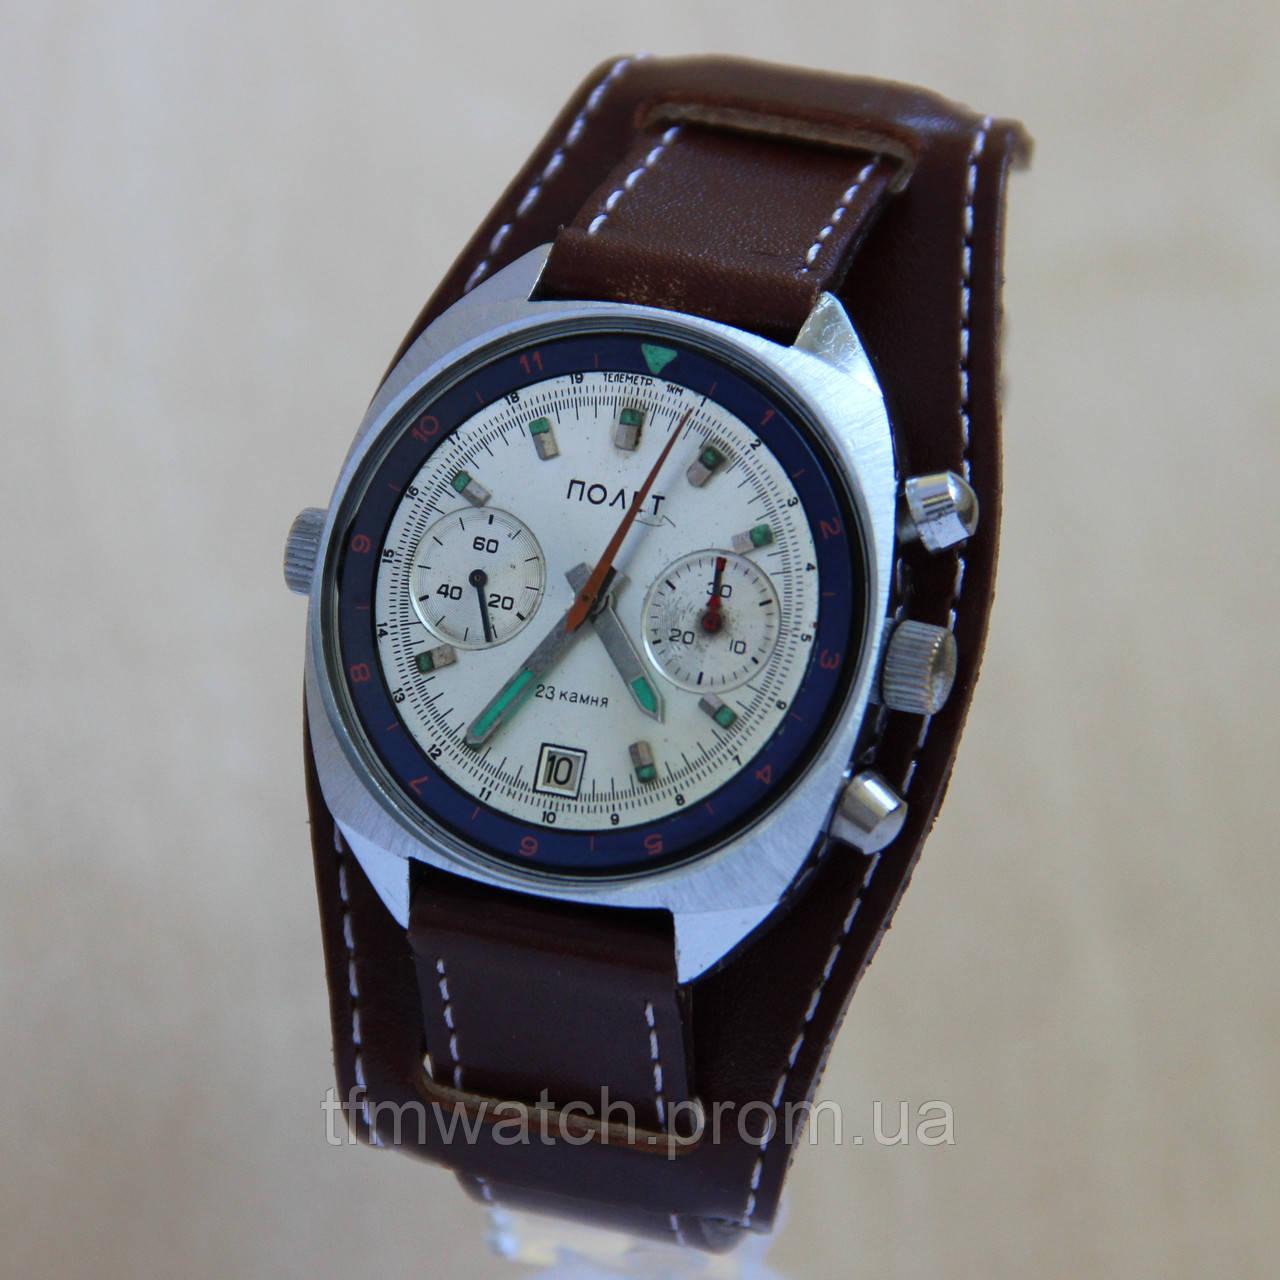 Цена на наручные часы полет часы наручные burg